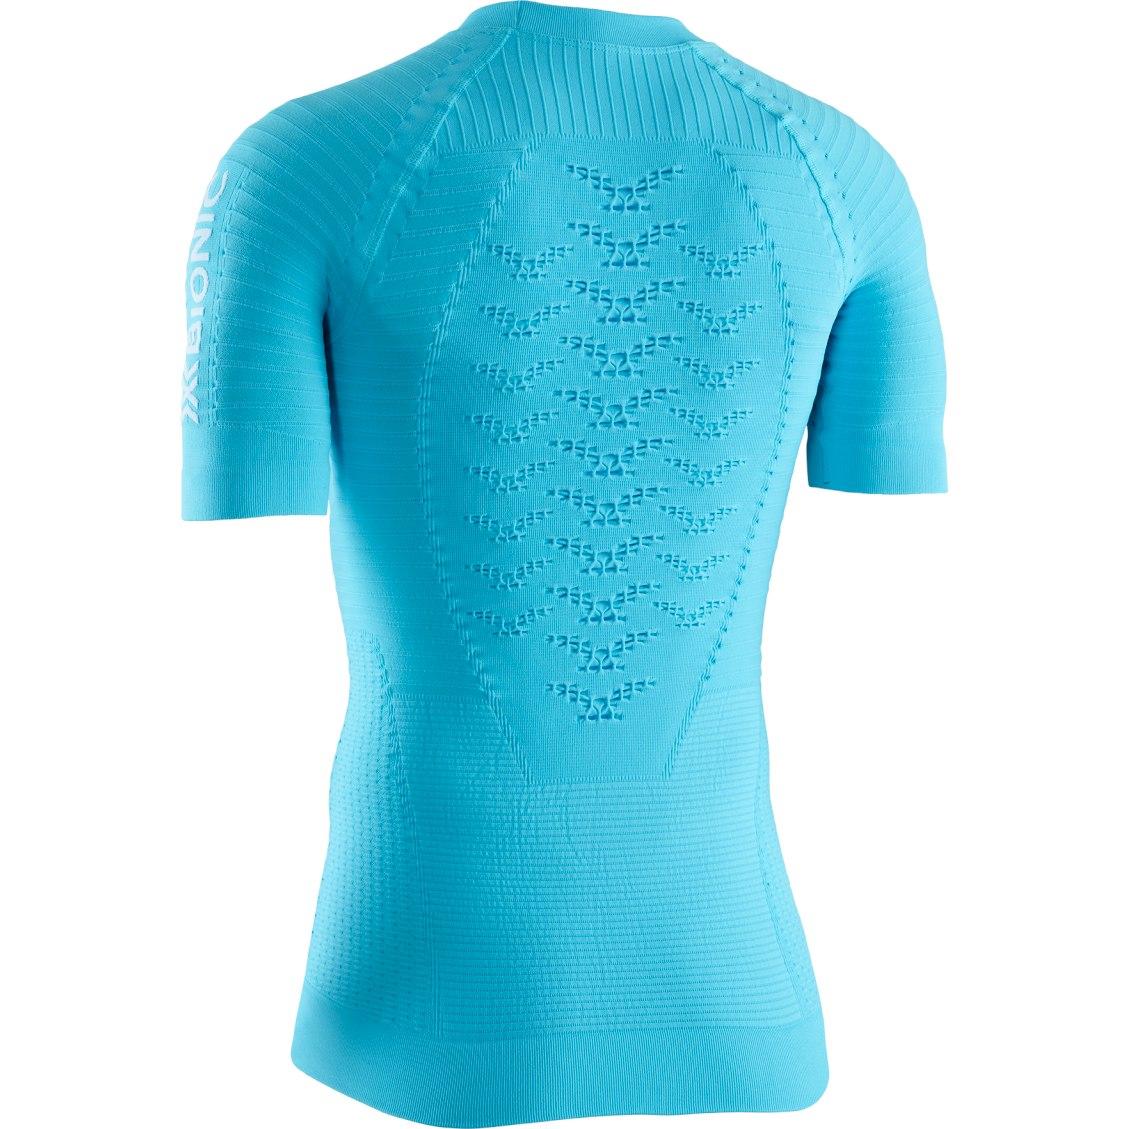 Bild von X-Bionic Effektor 4.0 Run Kurzarm-Laufshirt für Damen - effektor turquoise/arctic white